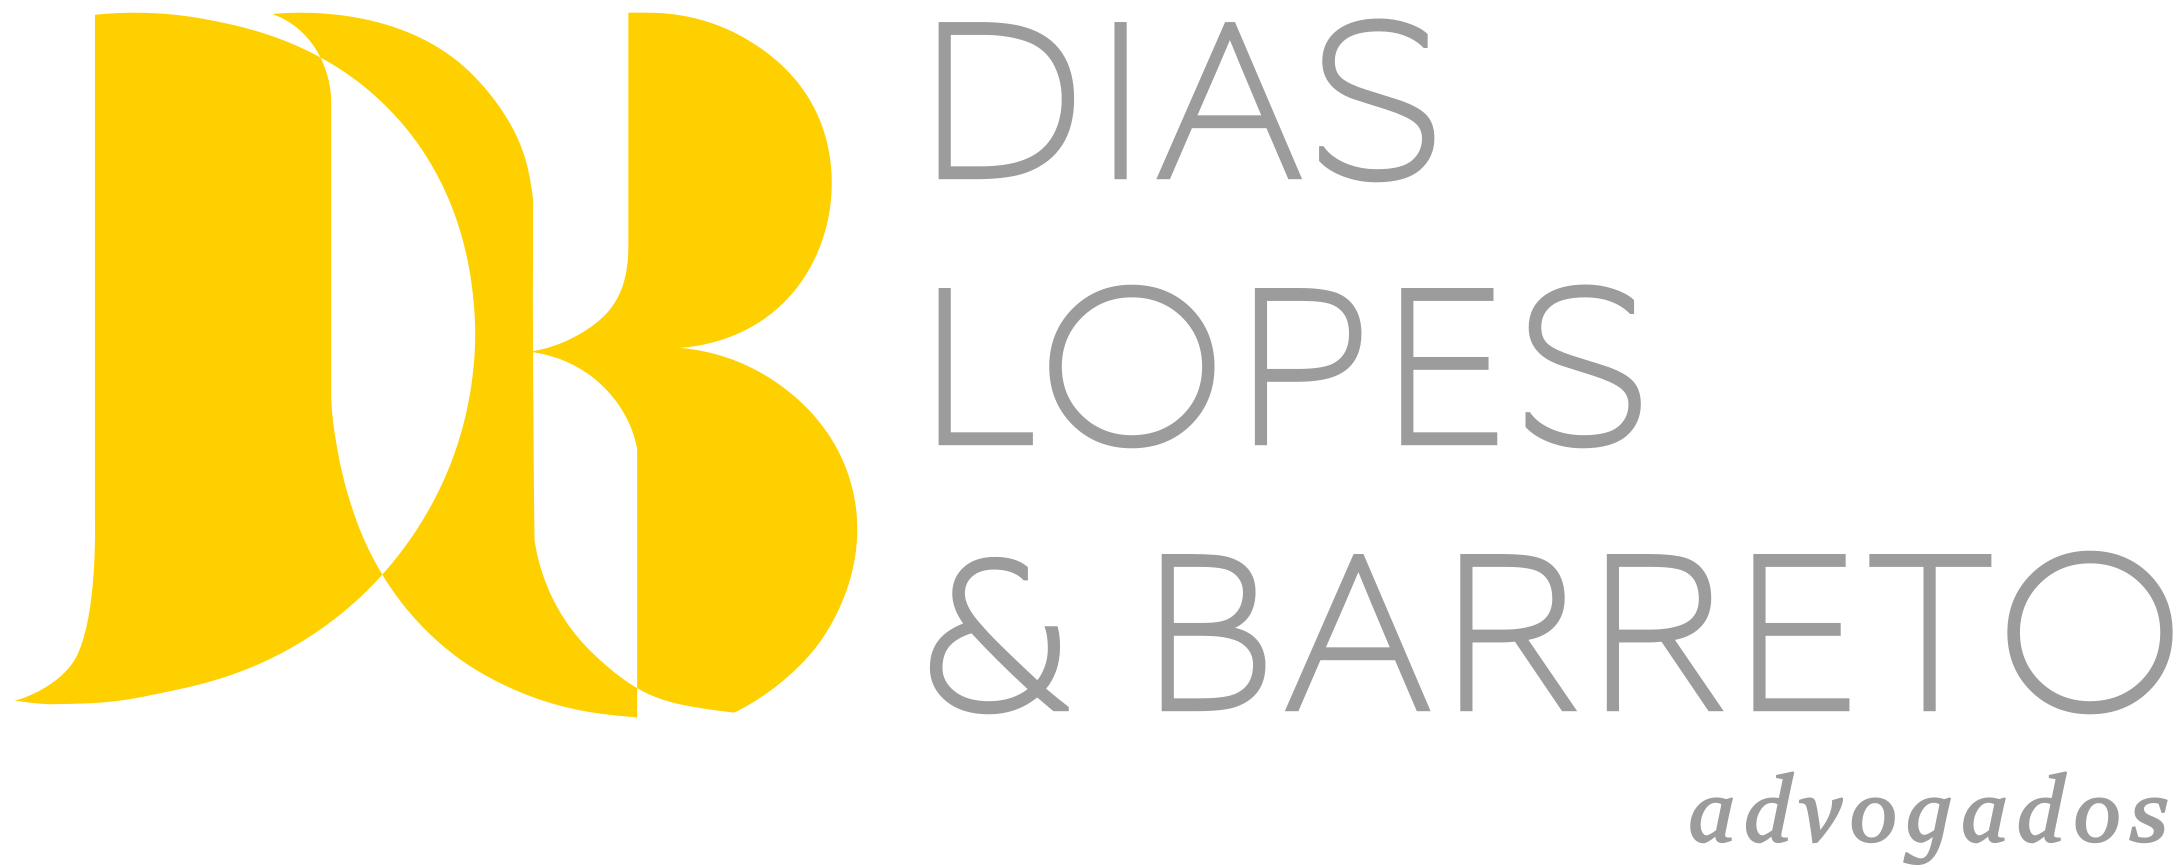 Dias, Lopes & Barreto Advogados